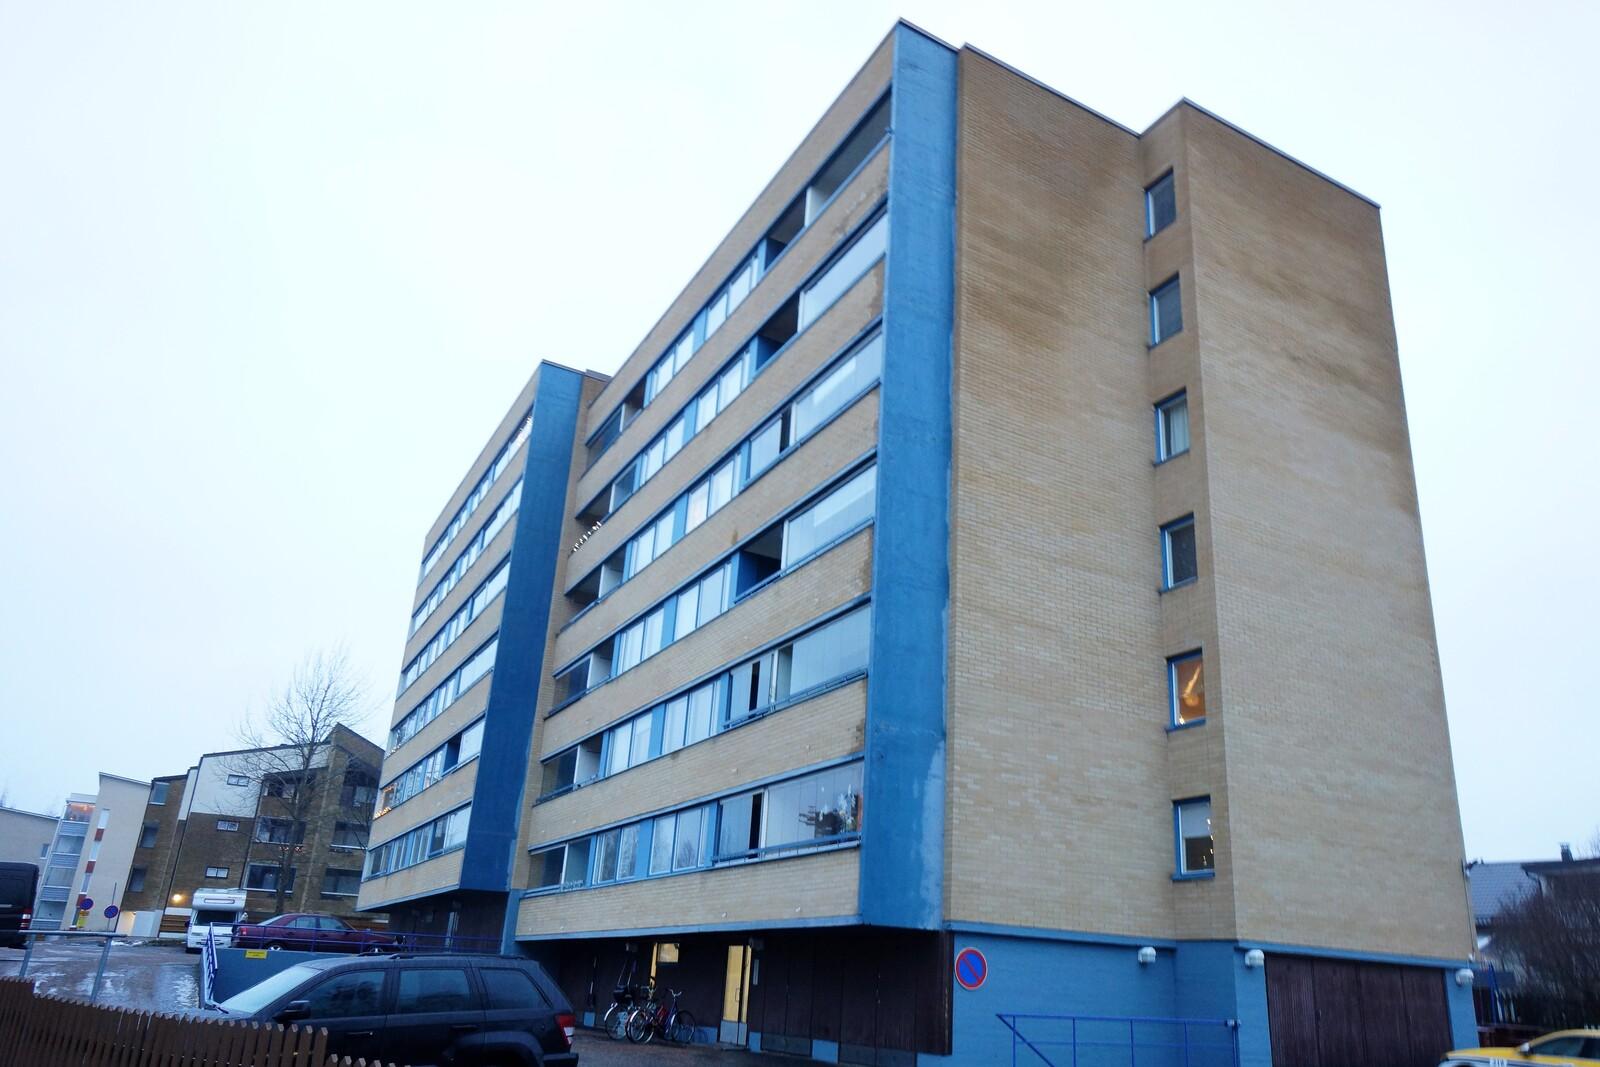 Koskela, Oulu